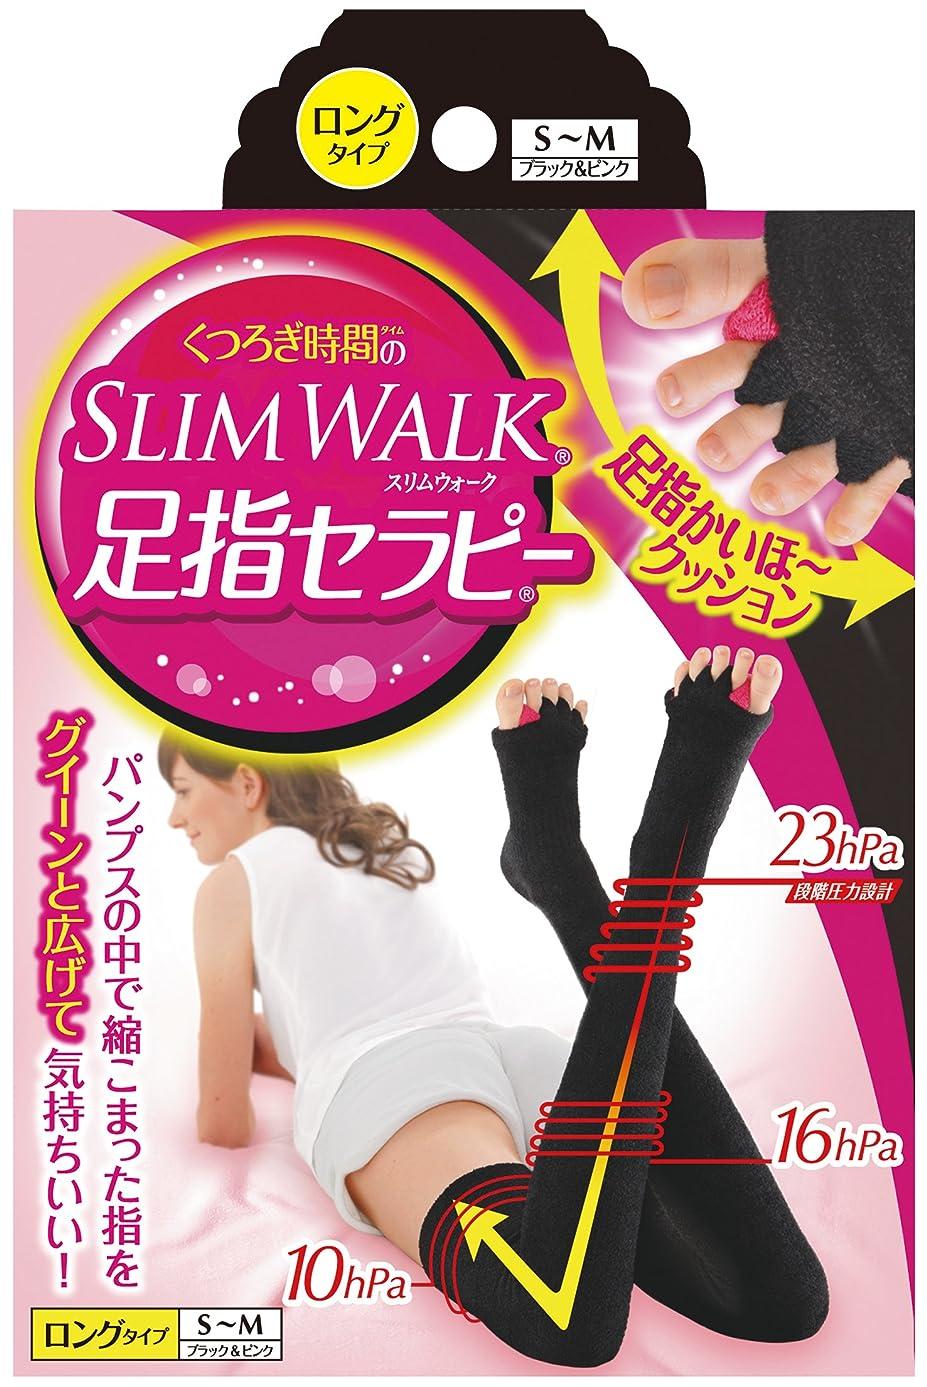 起点脇にひらめきスリムウォーク 足指セラピー (冬用) ロングタイプ S-Mサイズ ブラック&ピンク(SLIMWALK,split open-toe socks,SM)